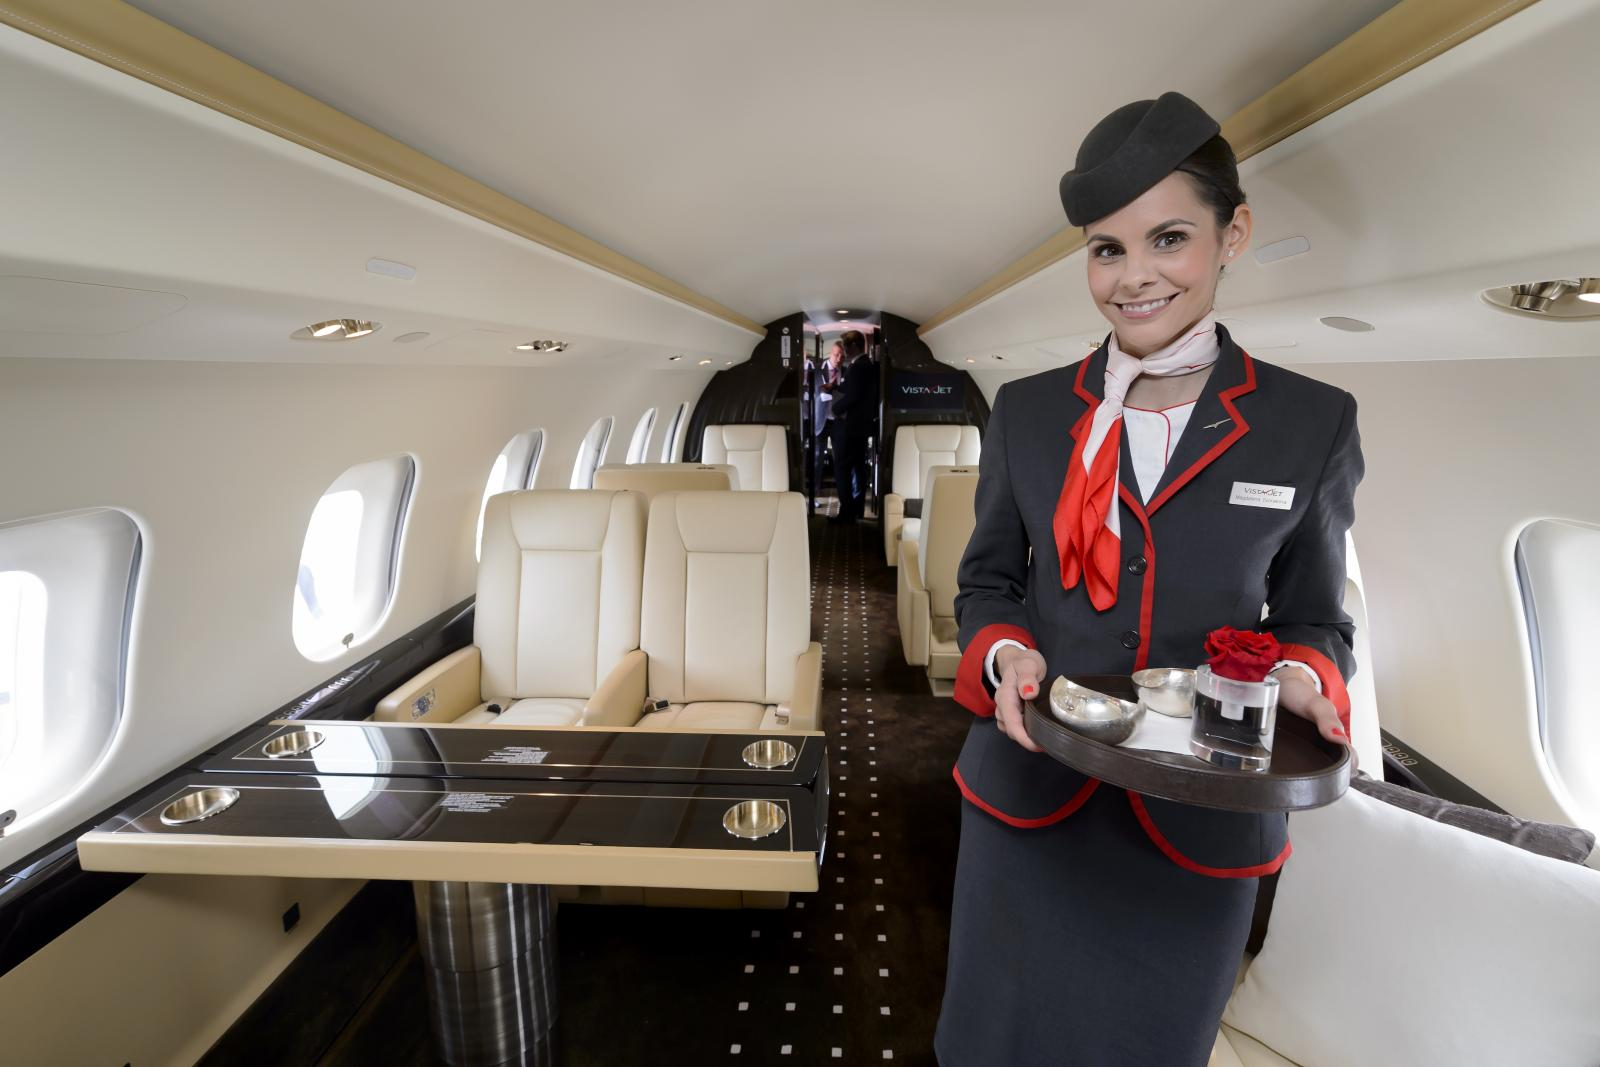 """เปิดรายได้อาชีพในฝัน """"สจ๊วต – แอร์โฮสเตส"""" 17 สายการบิน งานหนักแต่รายได้ดี"""